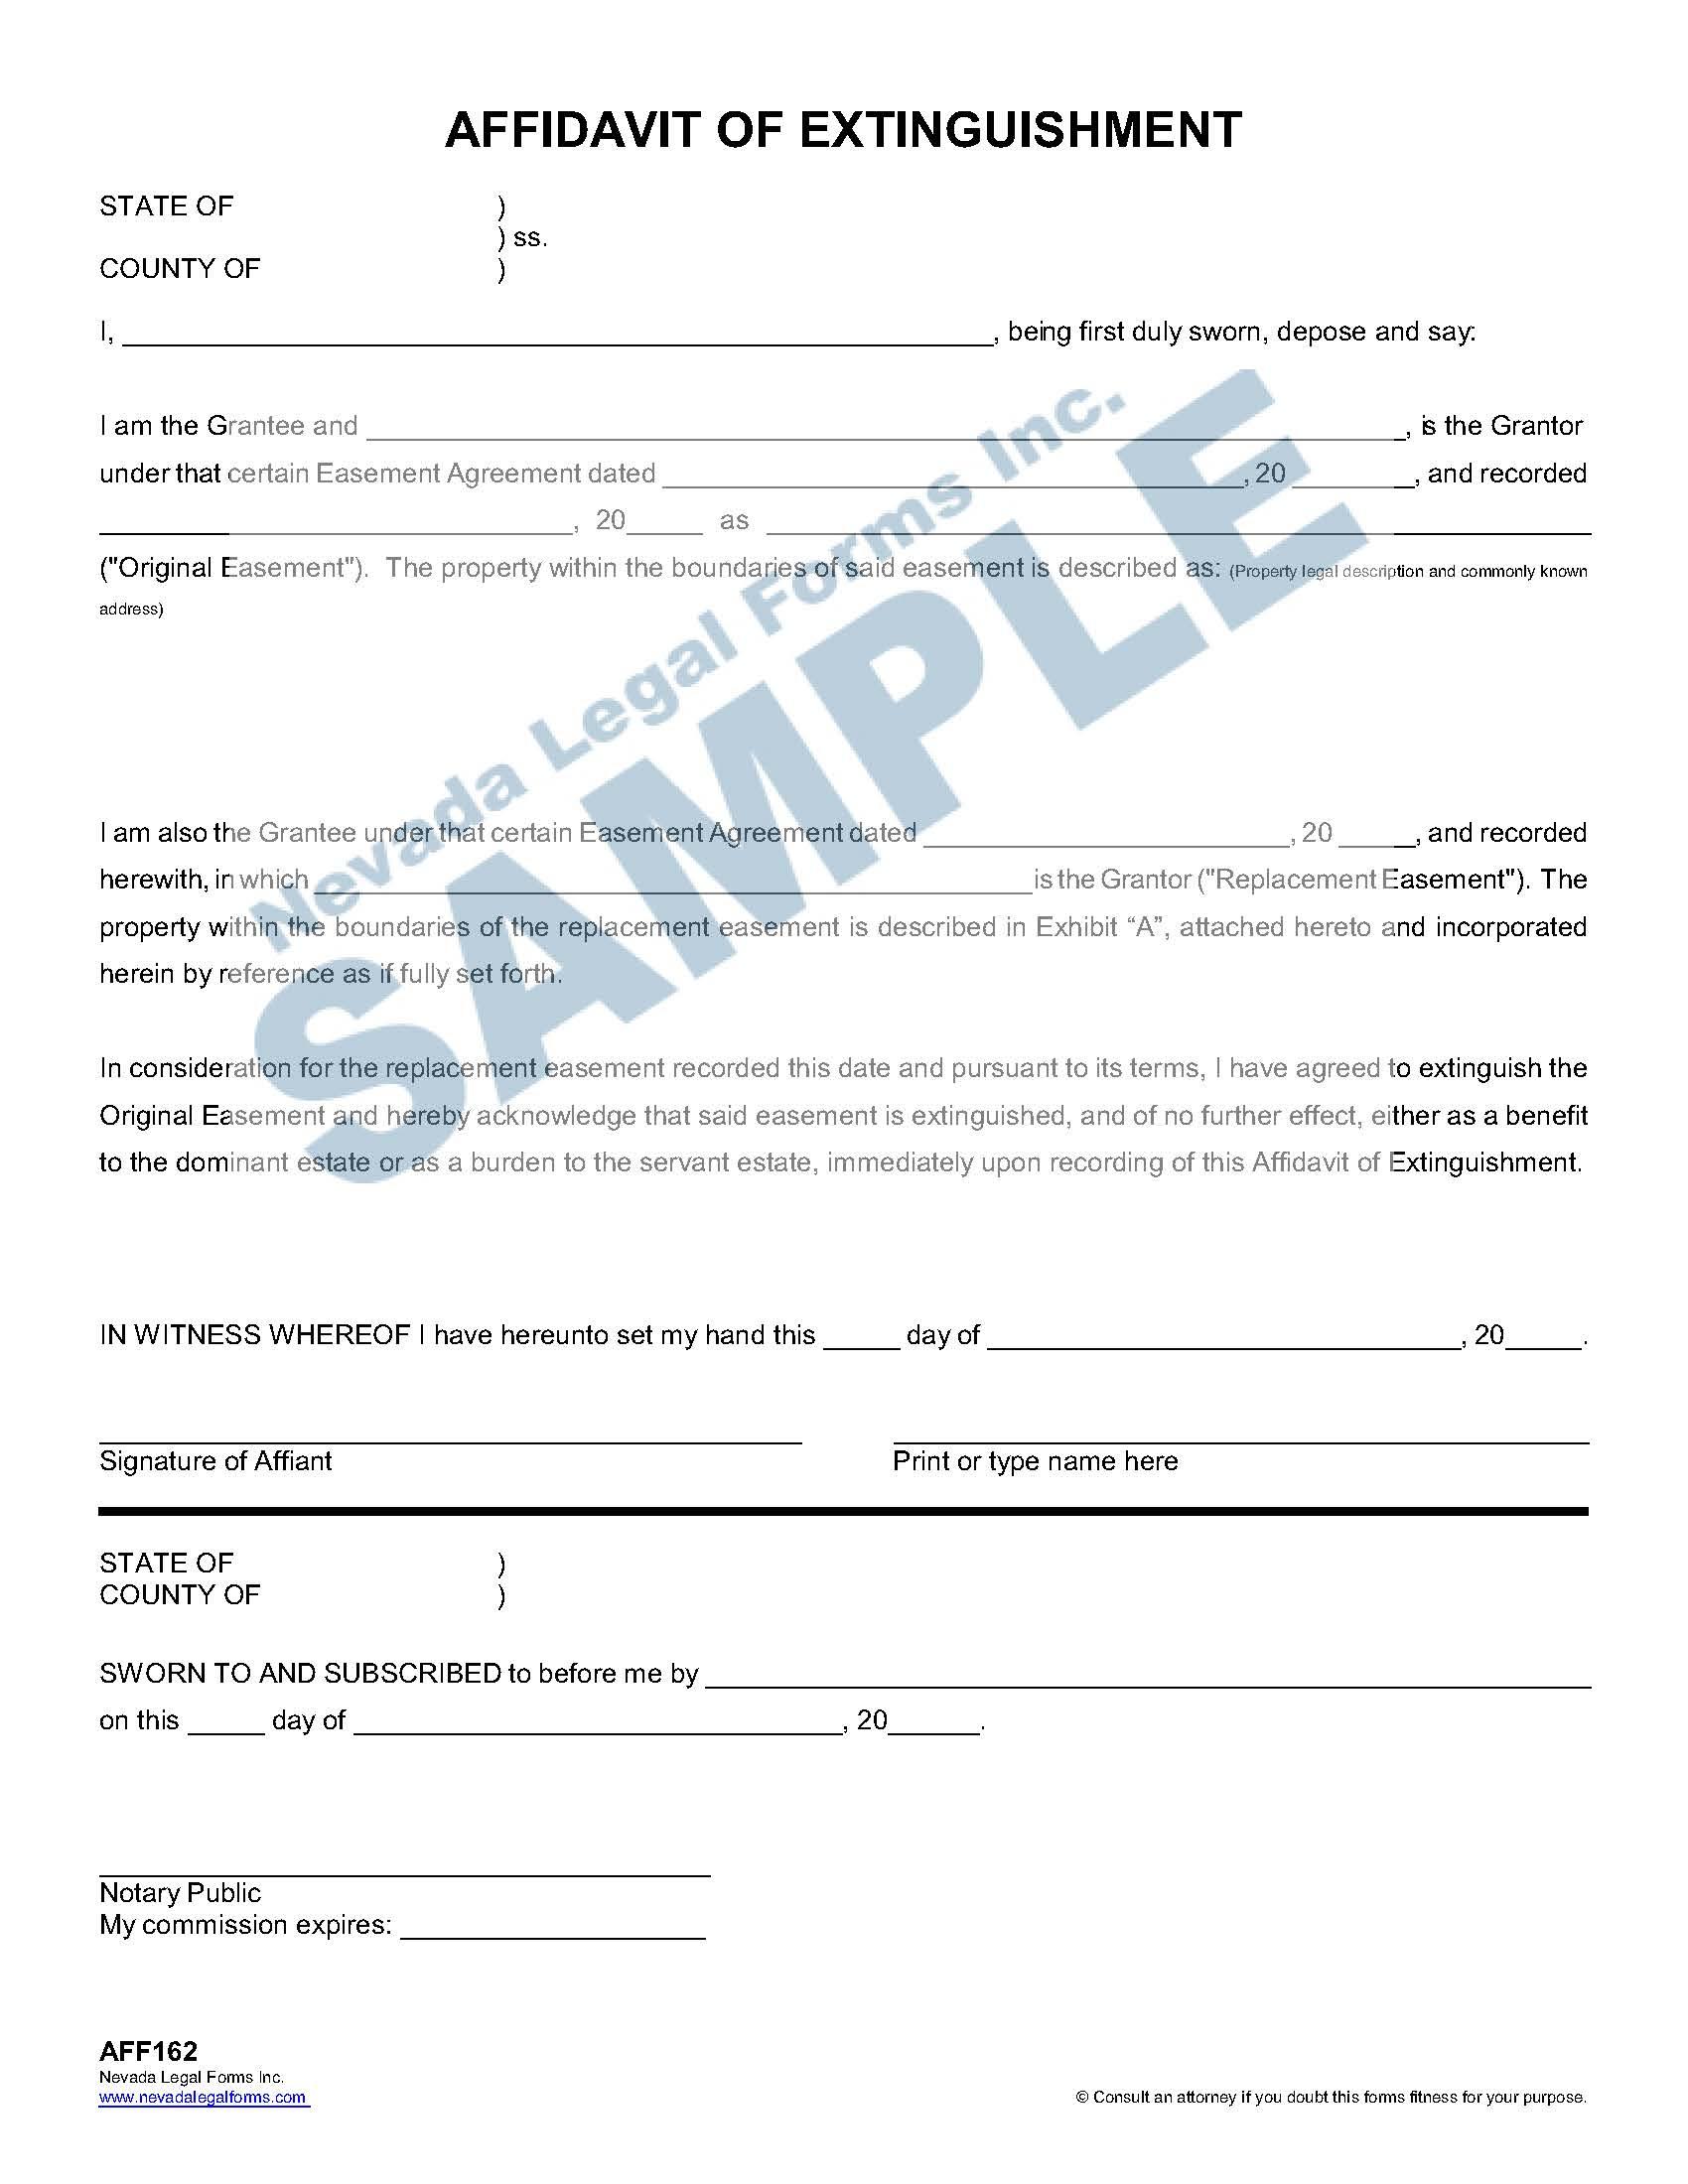 Affidavit Of Extinguishment